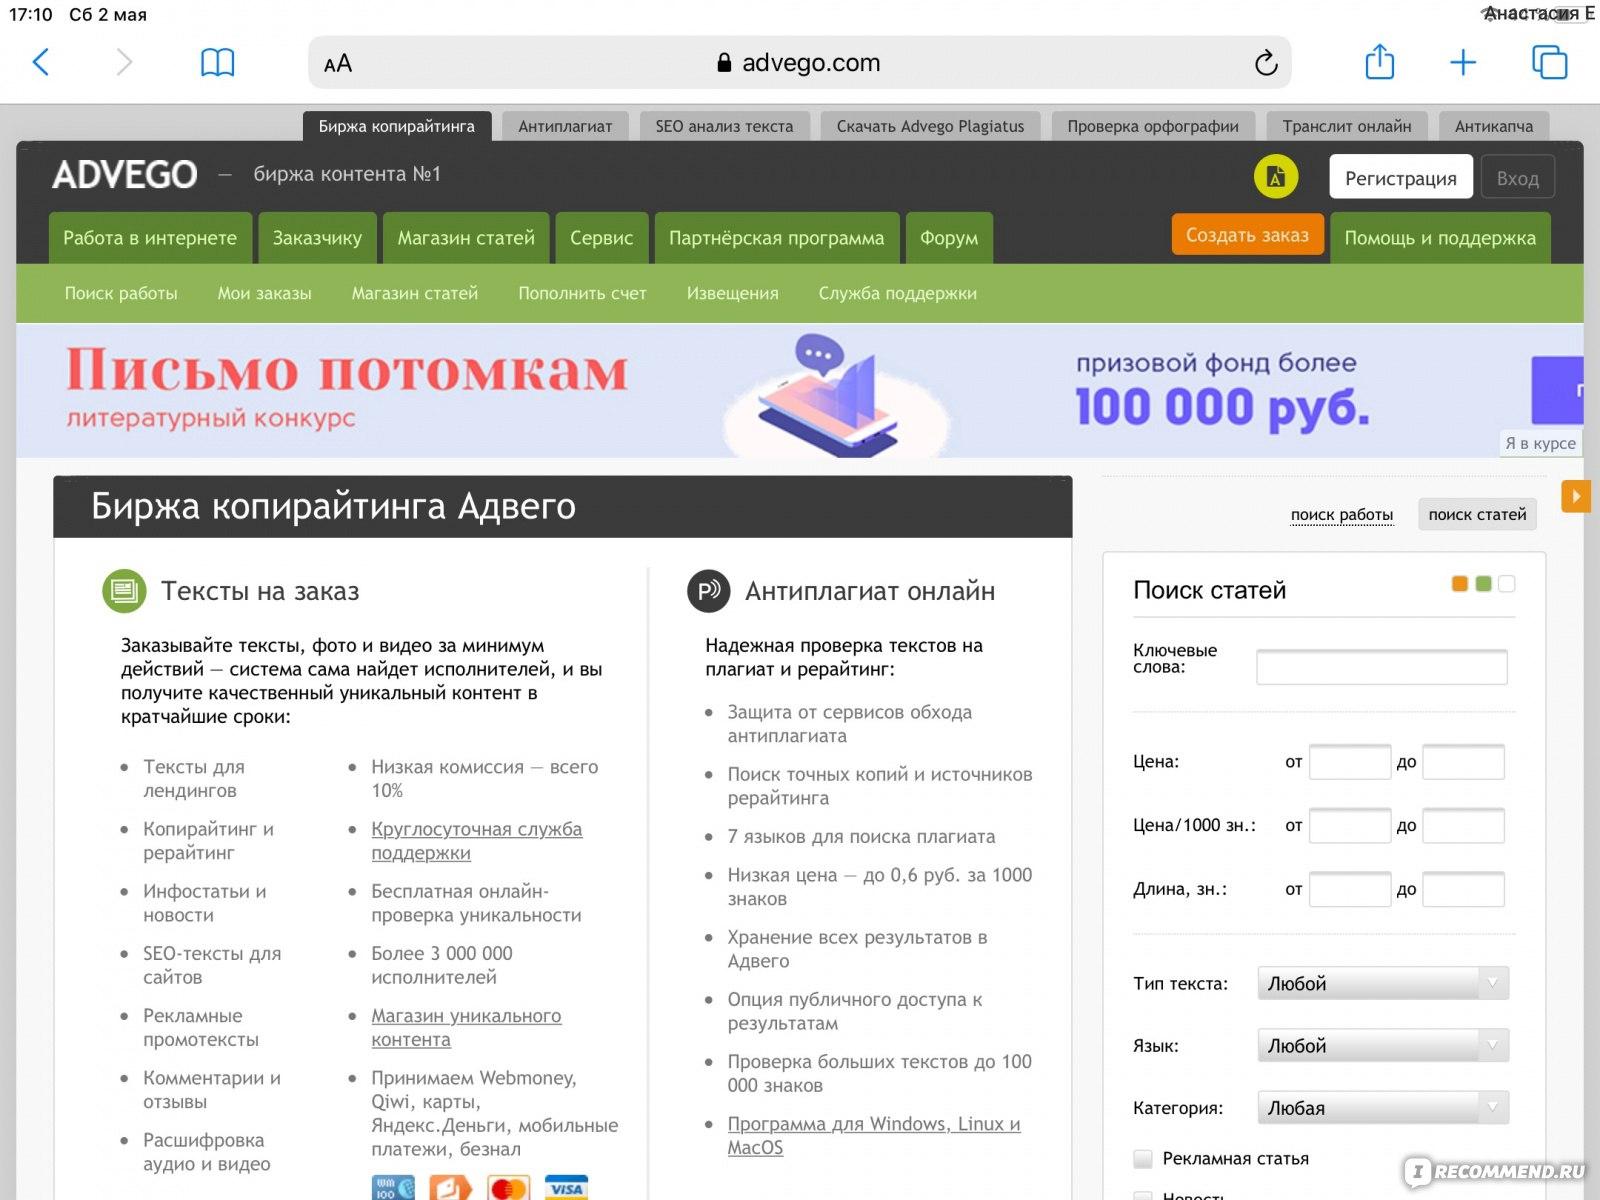 Работа на дому для мам в декрете: вакансии от 2000 руб./день | в 2020г.